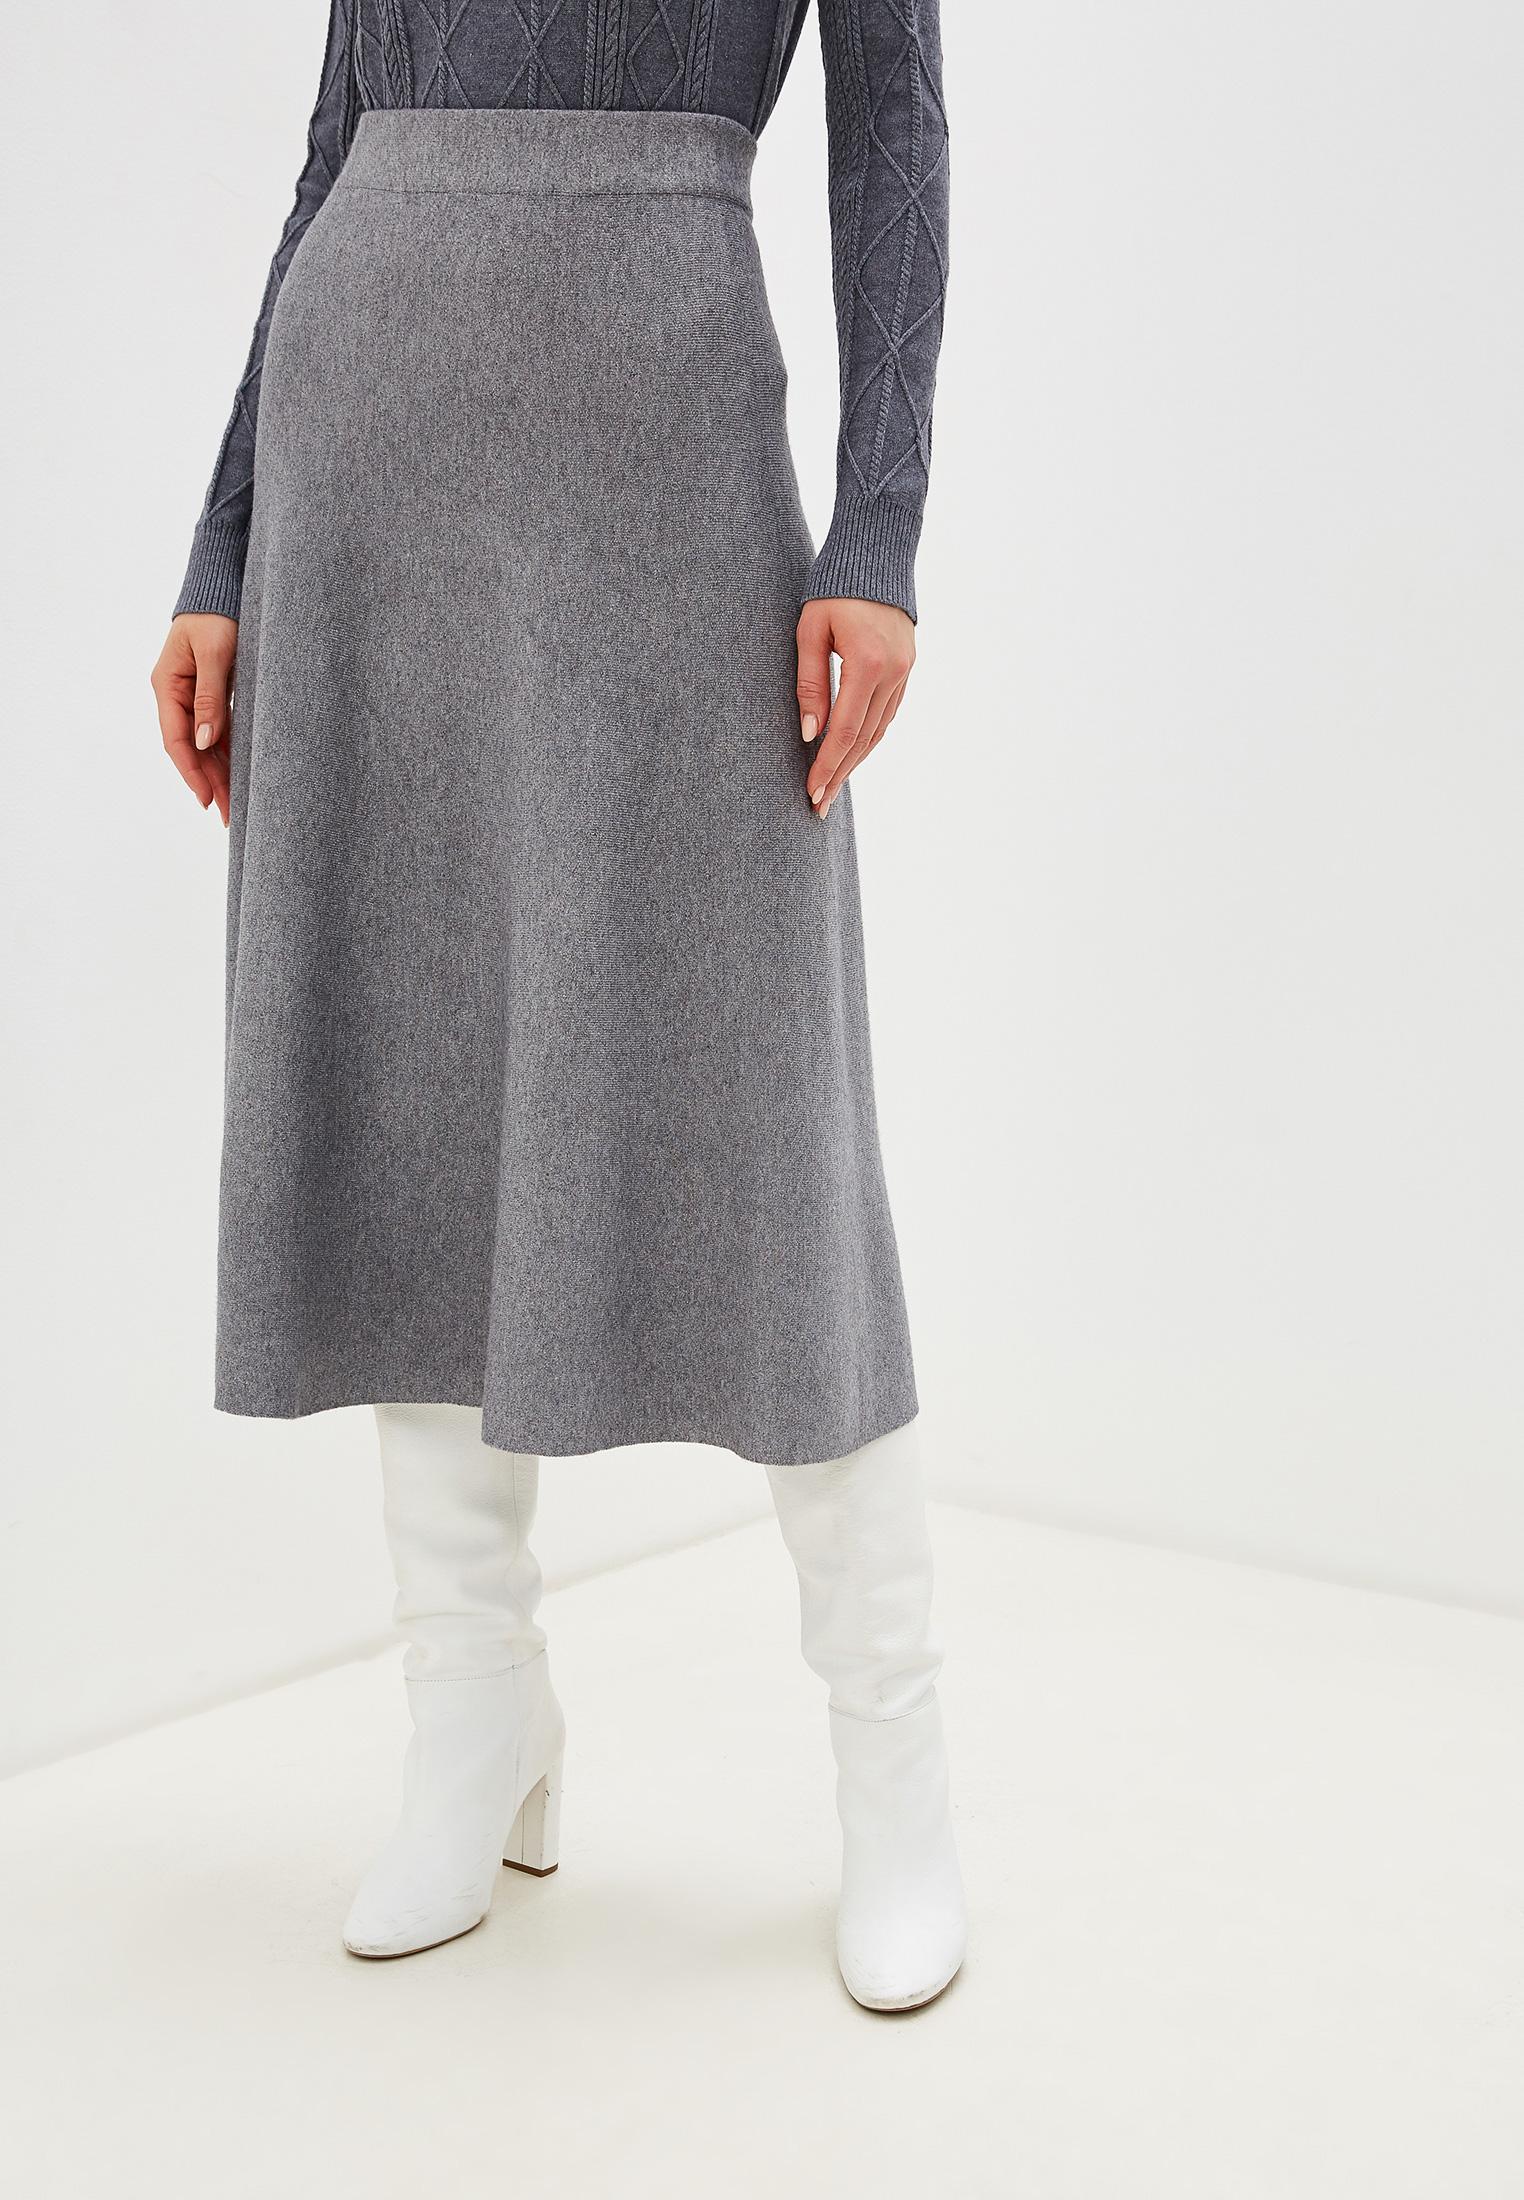 Широкая юбка Imocean (Имоушен) OZ19-9822-091